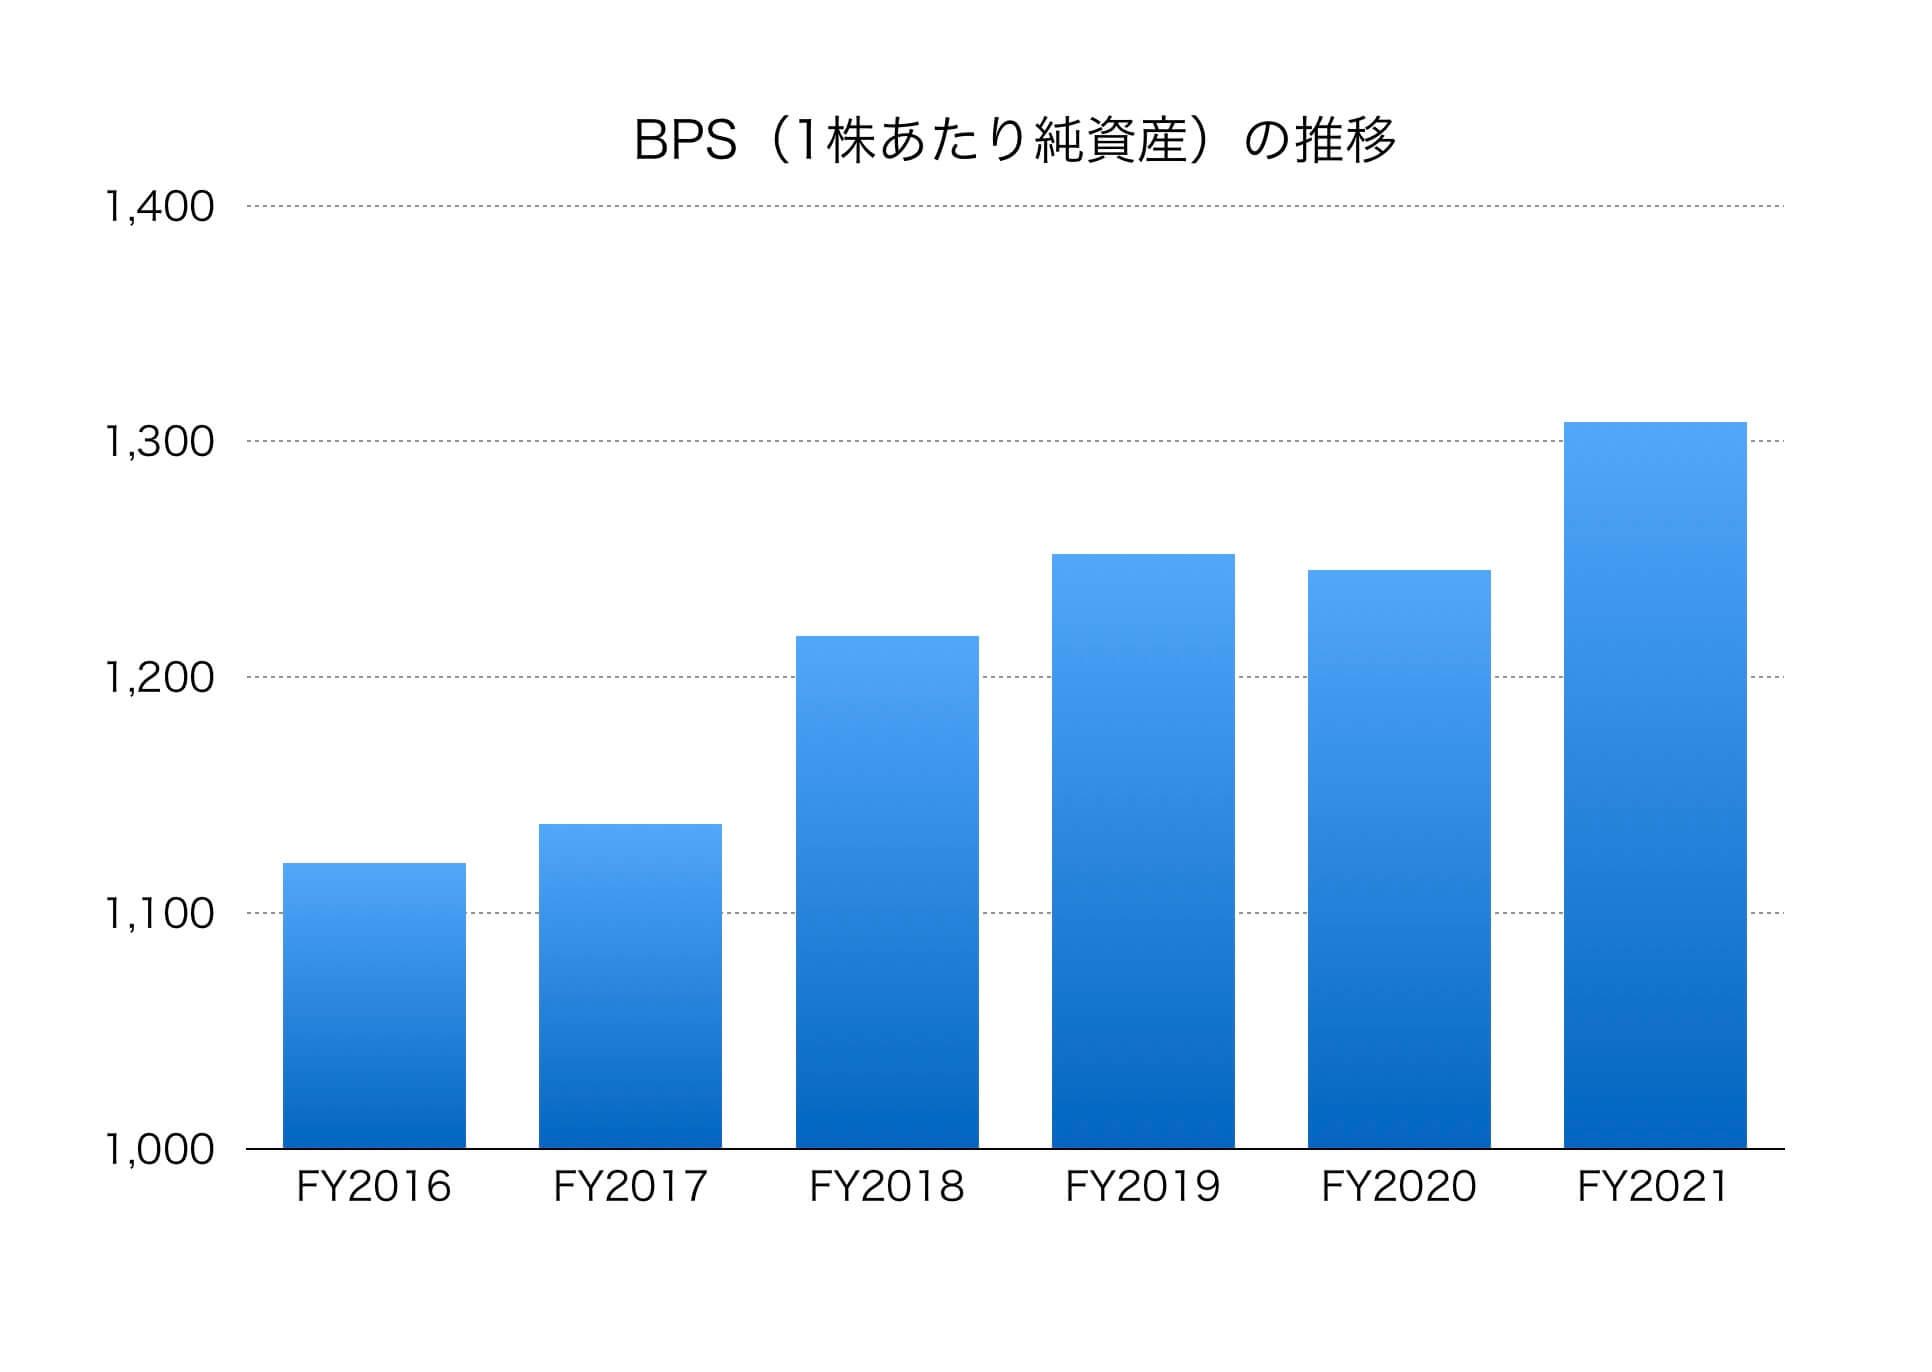 三菱 ufj の 株価